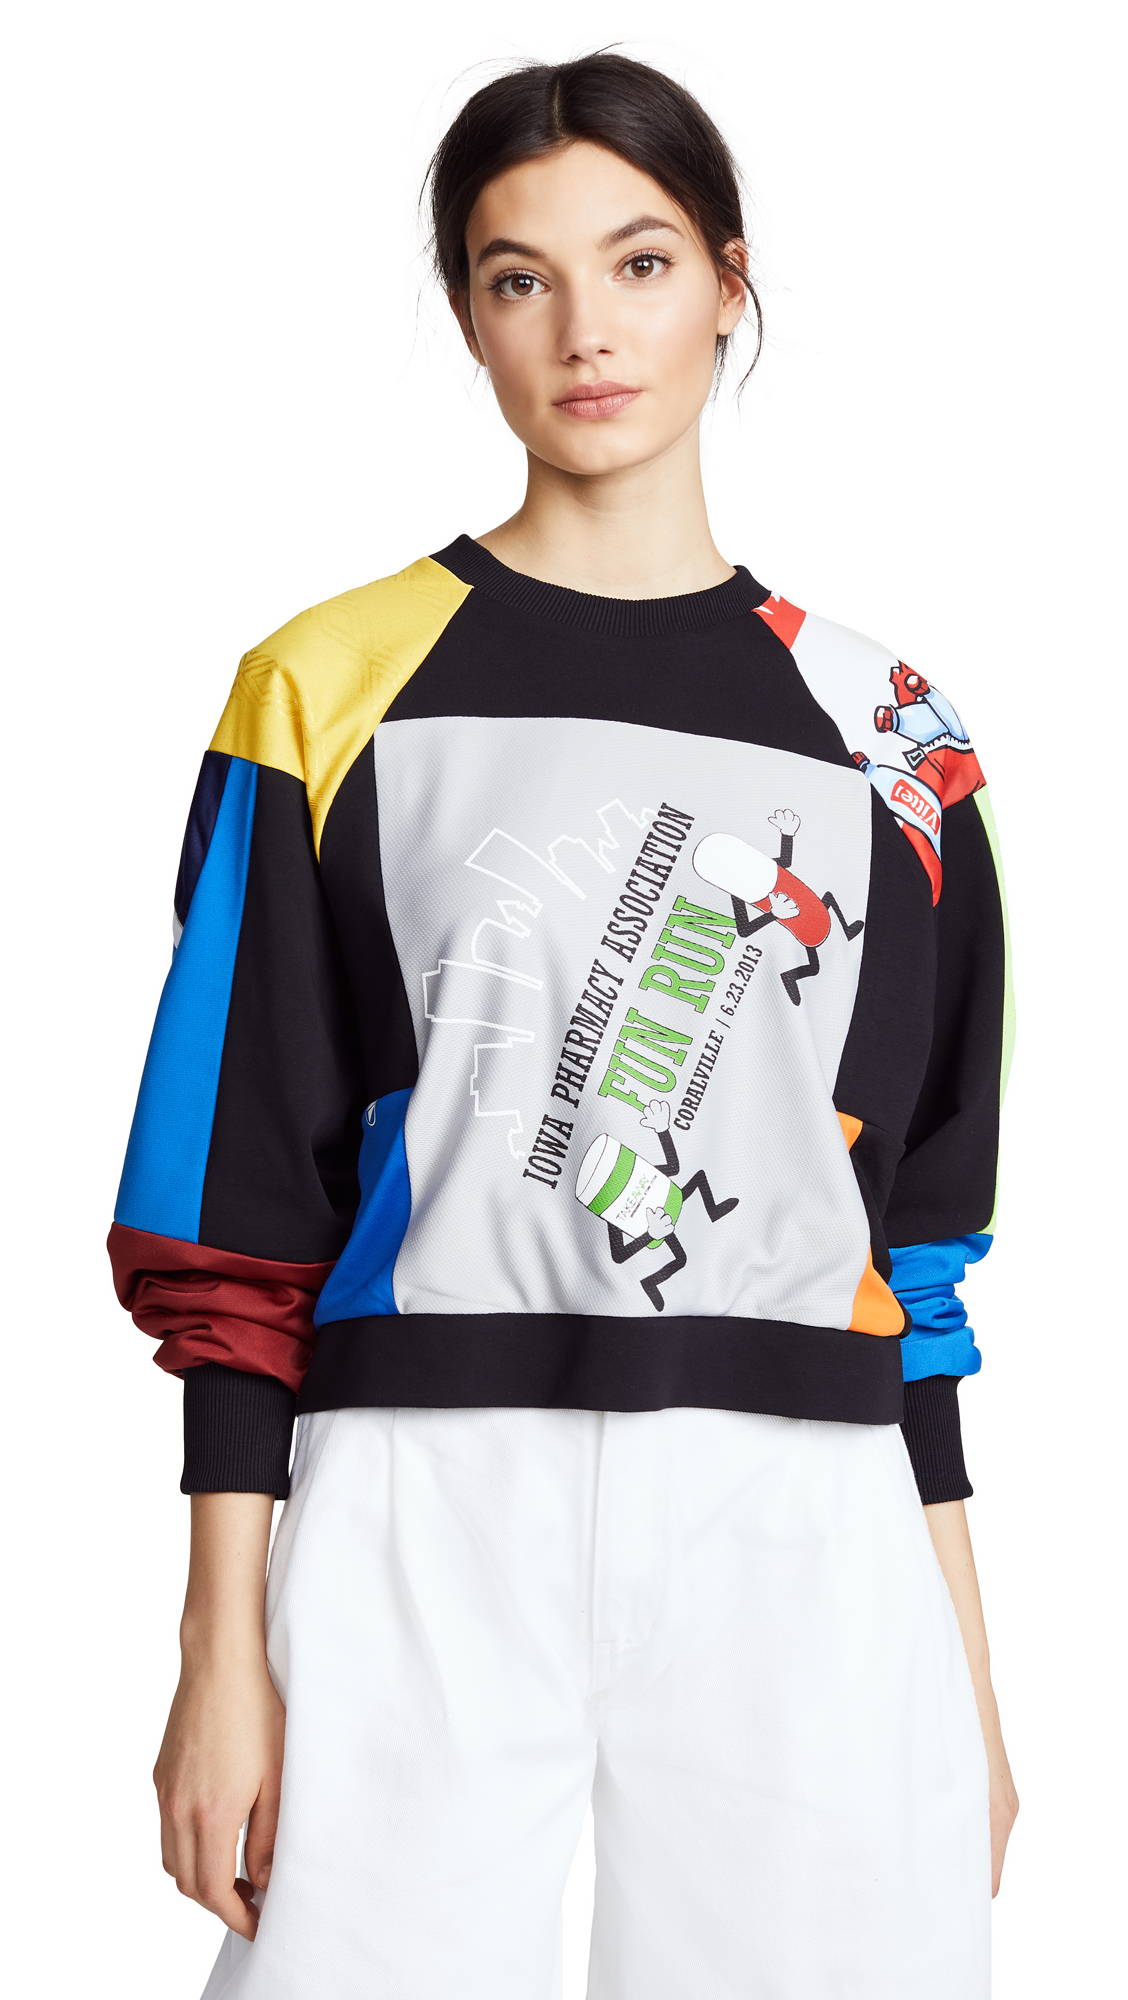 Ksenia Schnaider Cropped Vintage Sweatshirt In Multi